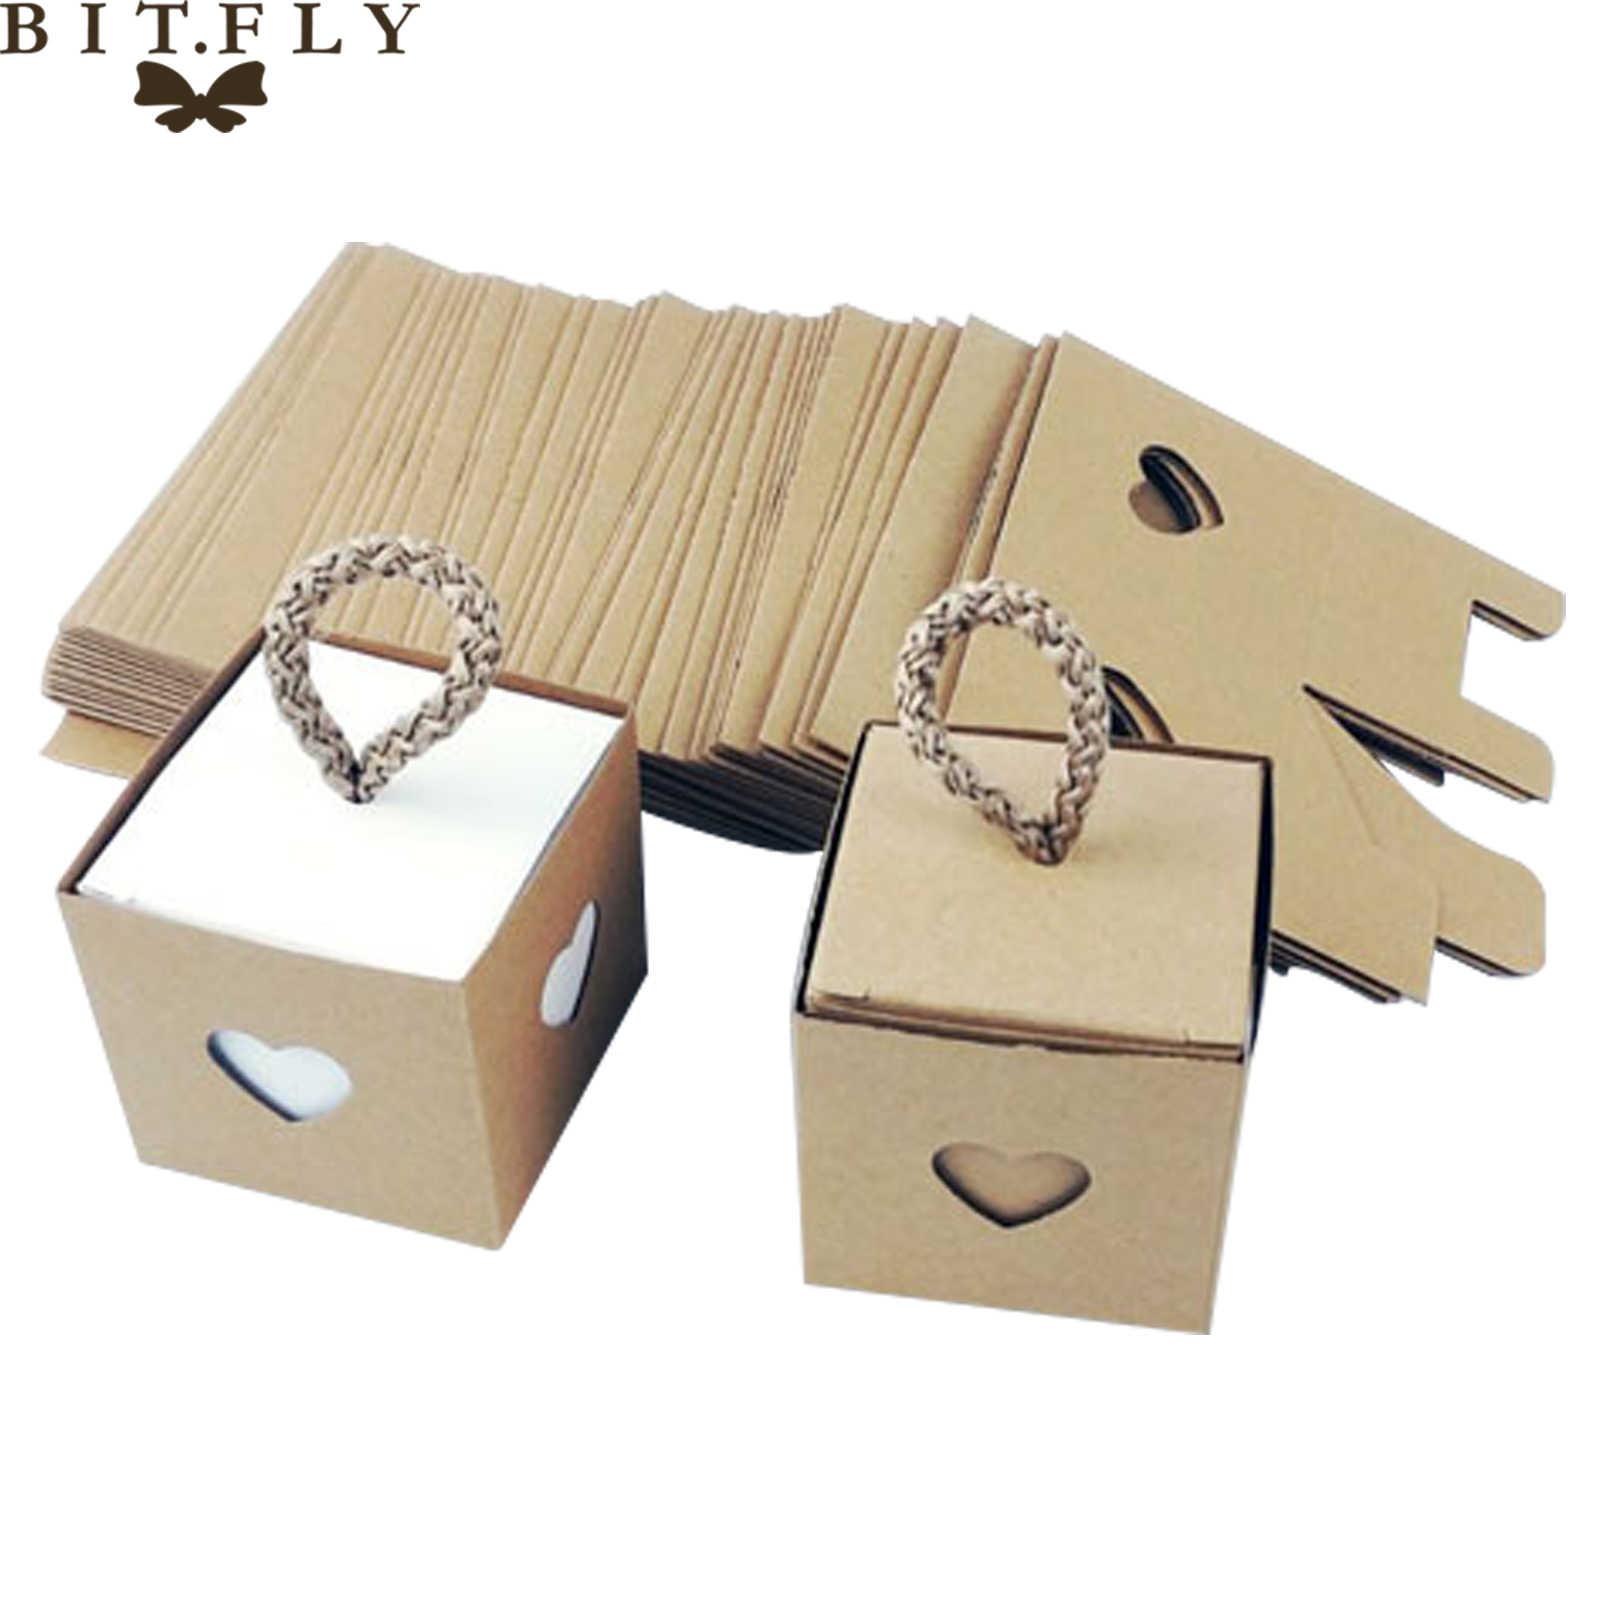 10 sztuk Vintage Paper Love Heart pudełko cukierków z liny pudełko prezentowe z czekoladkami dla gości DIY Baby Shower festiwal ślubny zaopatrzenie imprezy